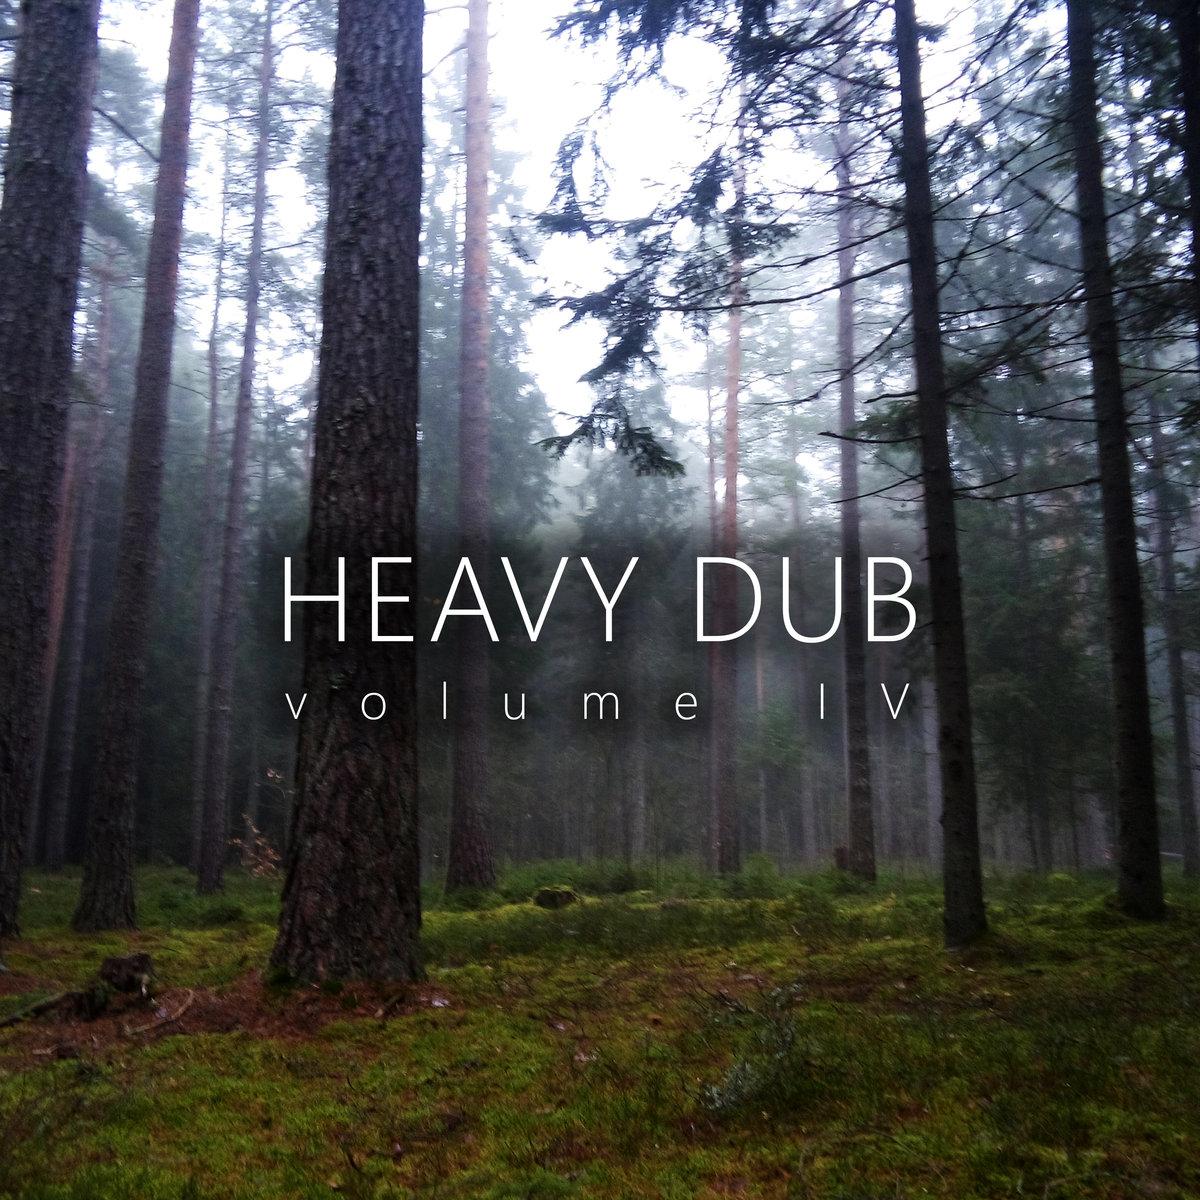 HeavydubsIV